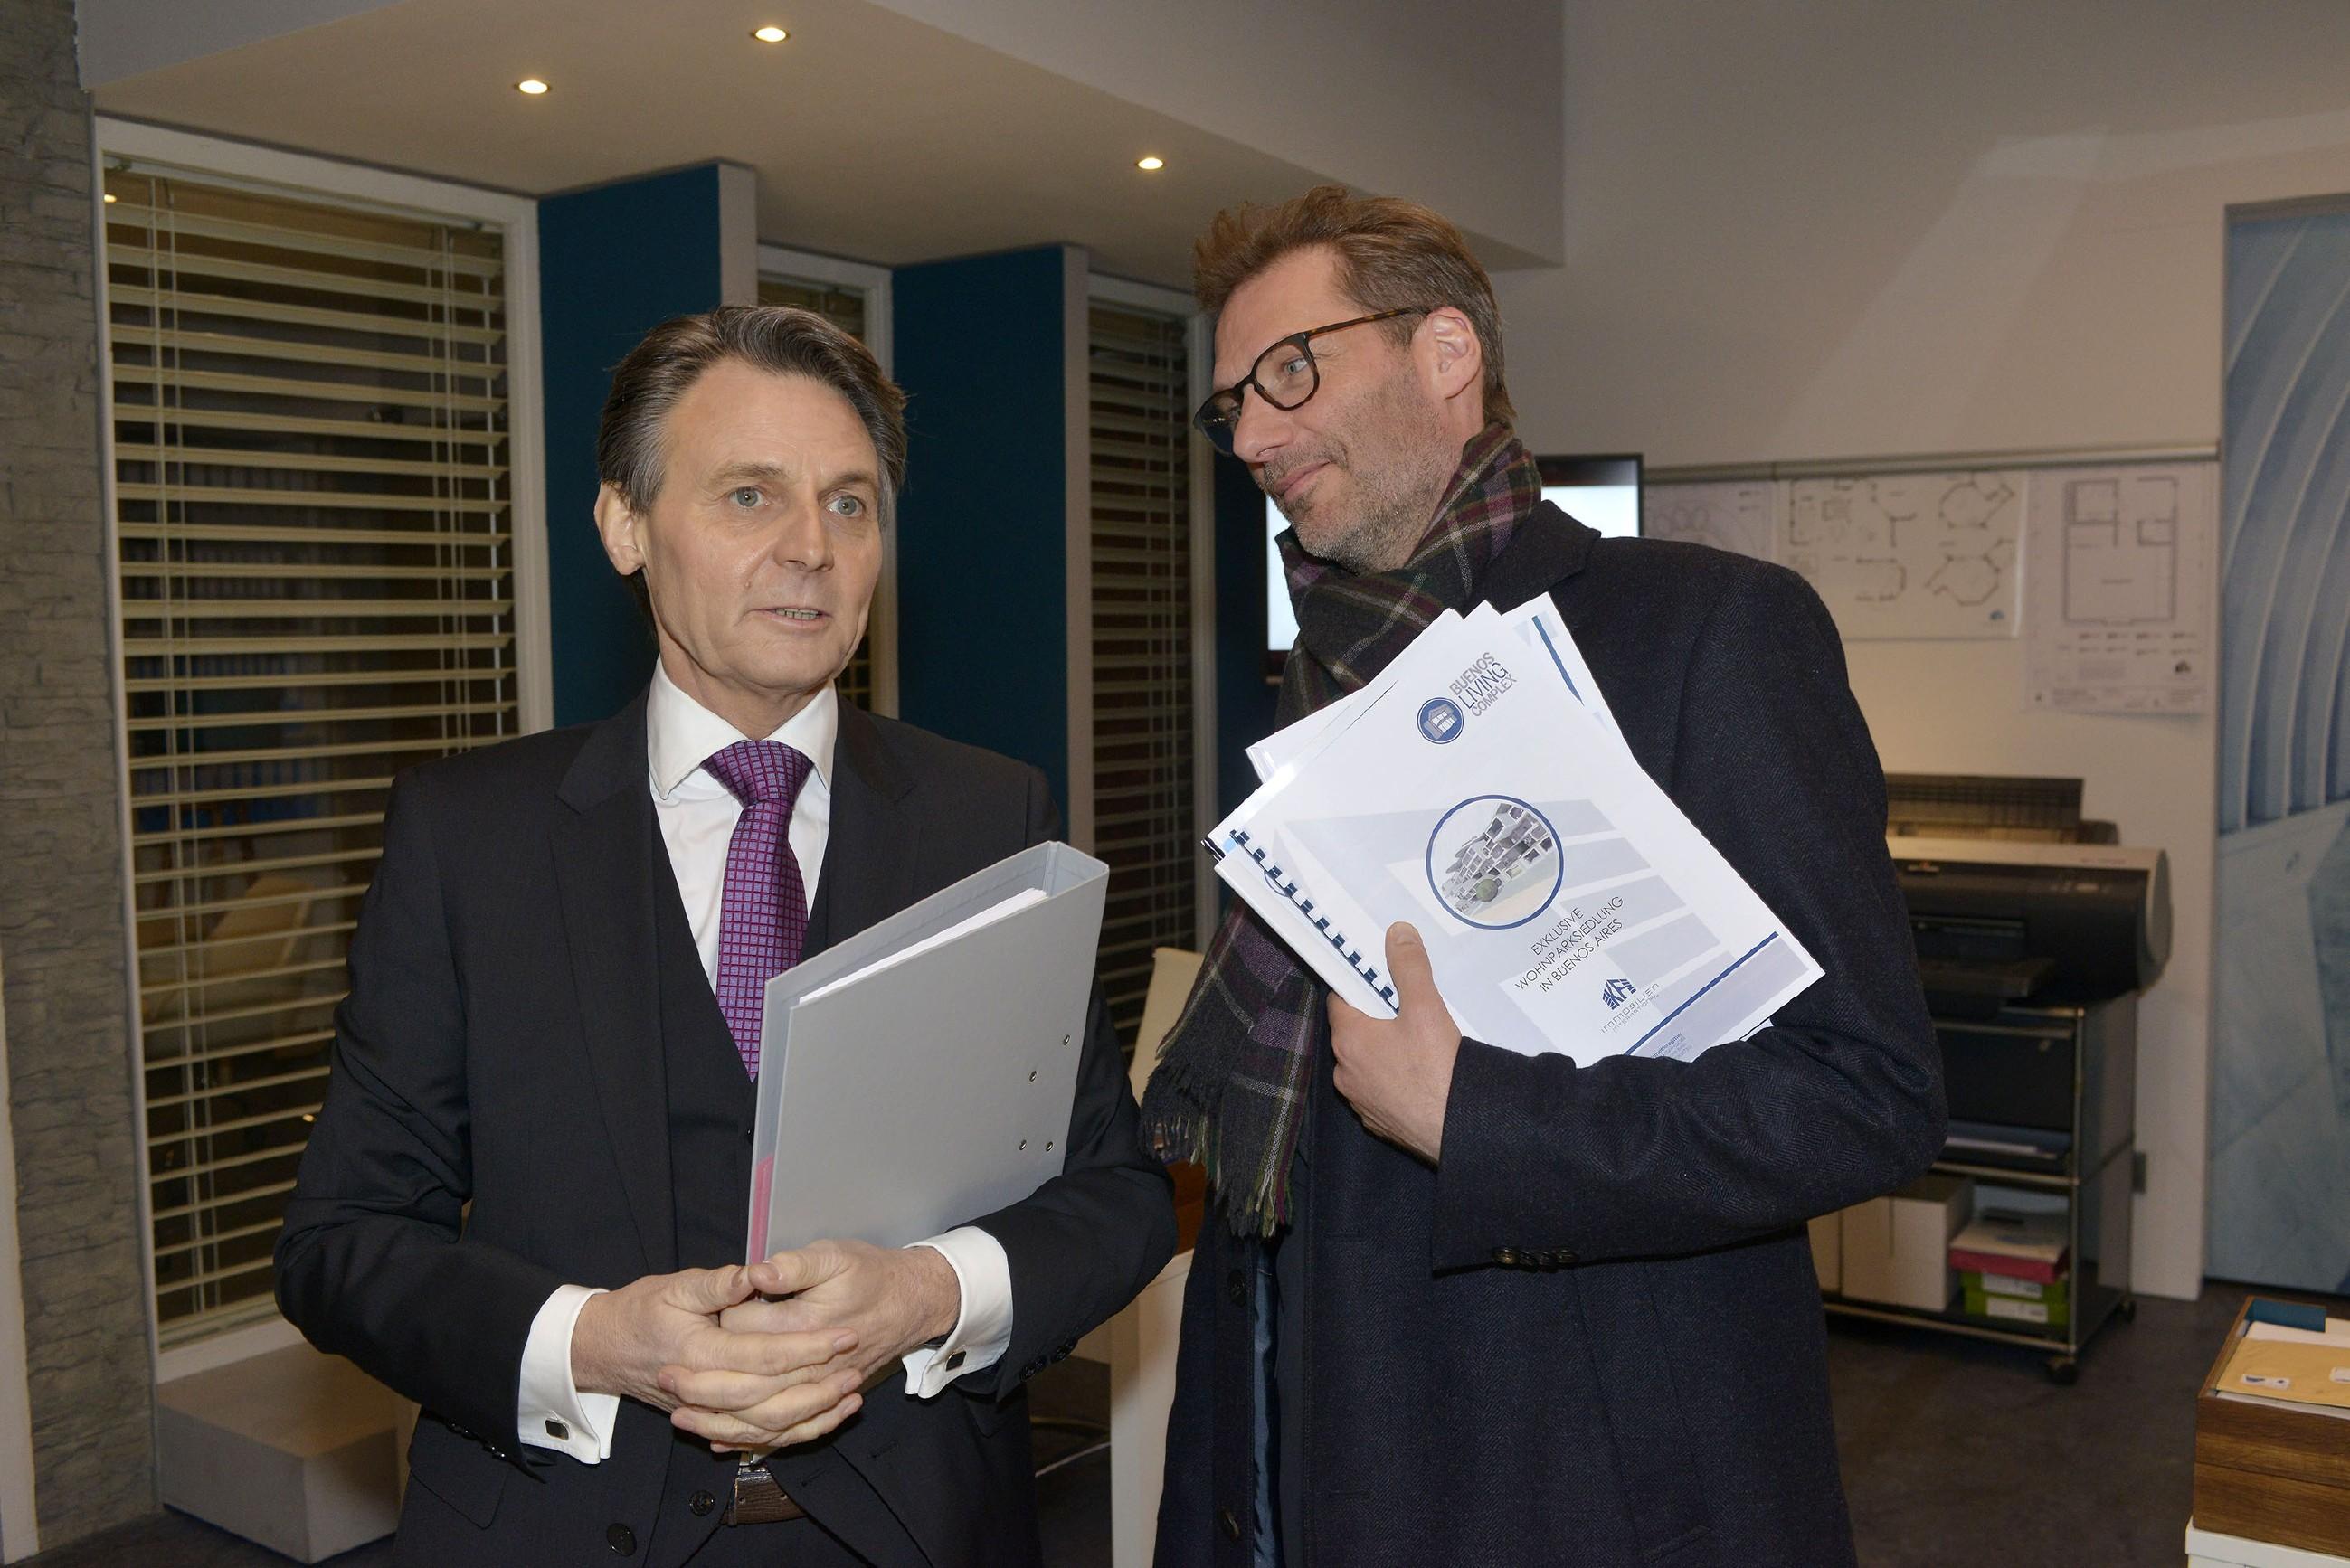 Jo Gerner (Wolfgang Bahro, l.) hadert vor Alexander (Clemens Löhr) mit seinen wahren Gefühlen für Elena. (Quelle: RTL / Rolf Baumgartner)